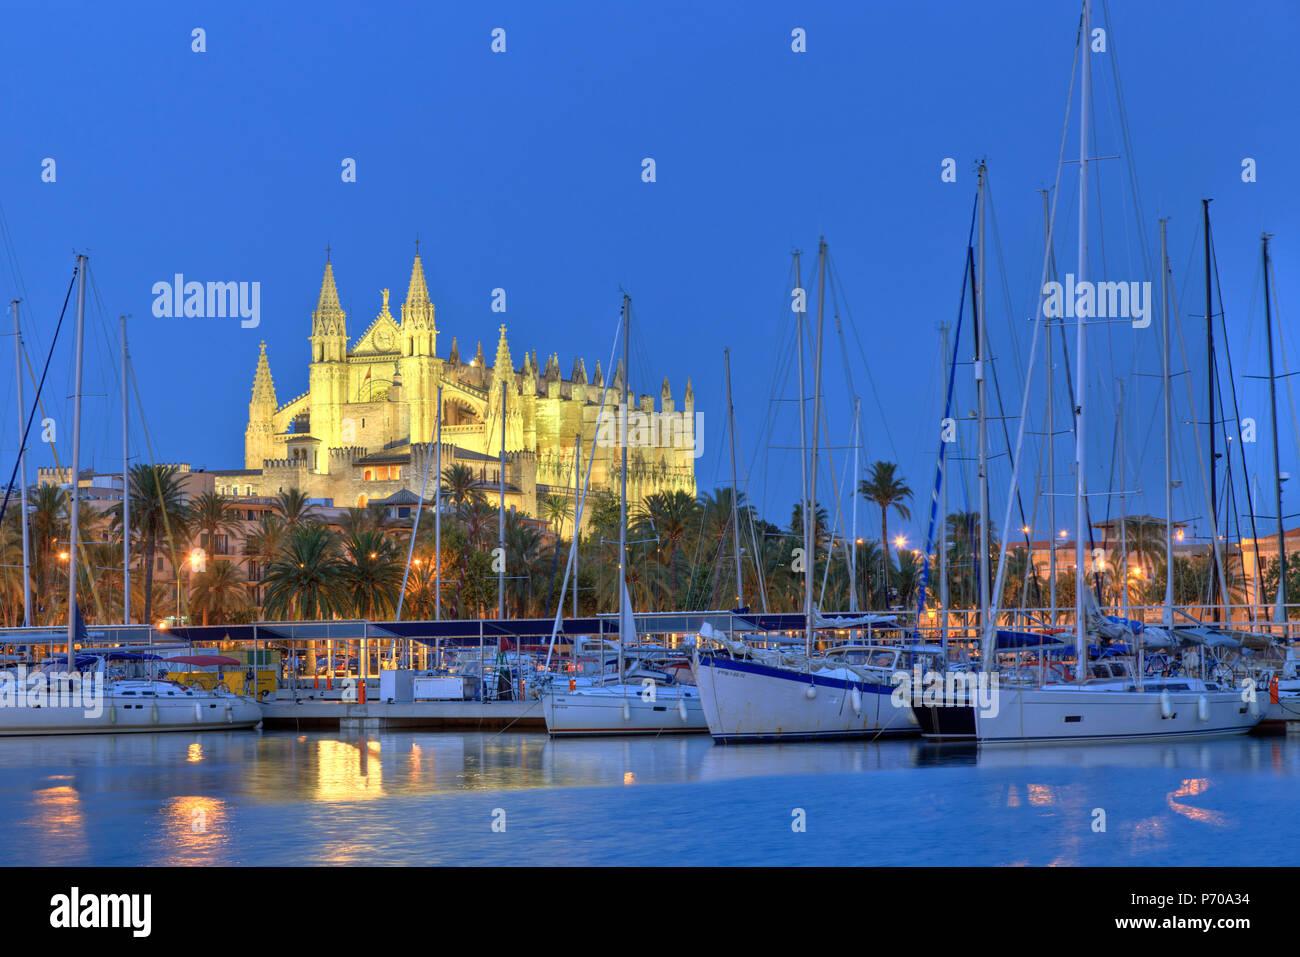 L'Espagne, Îles Baléares, Majorque, Palma de Majorque, la Cathédrale Photo Stock